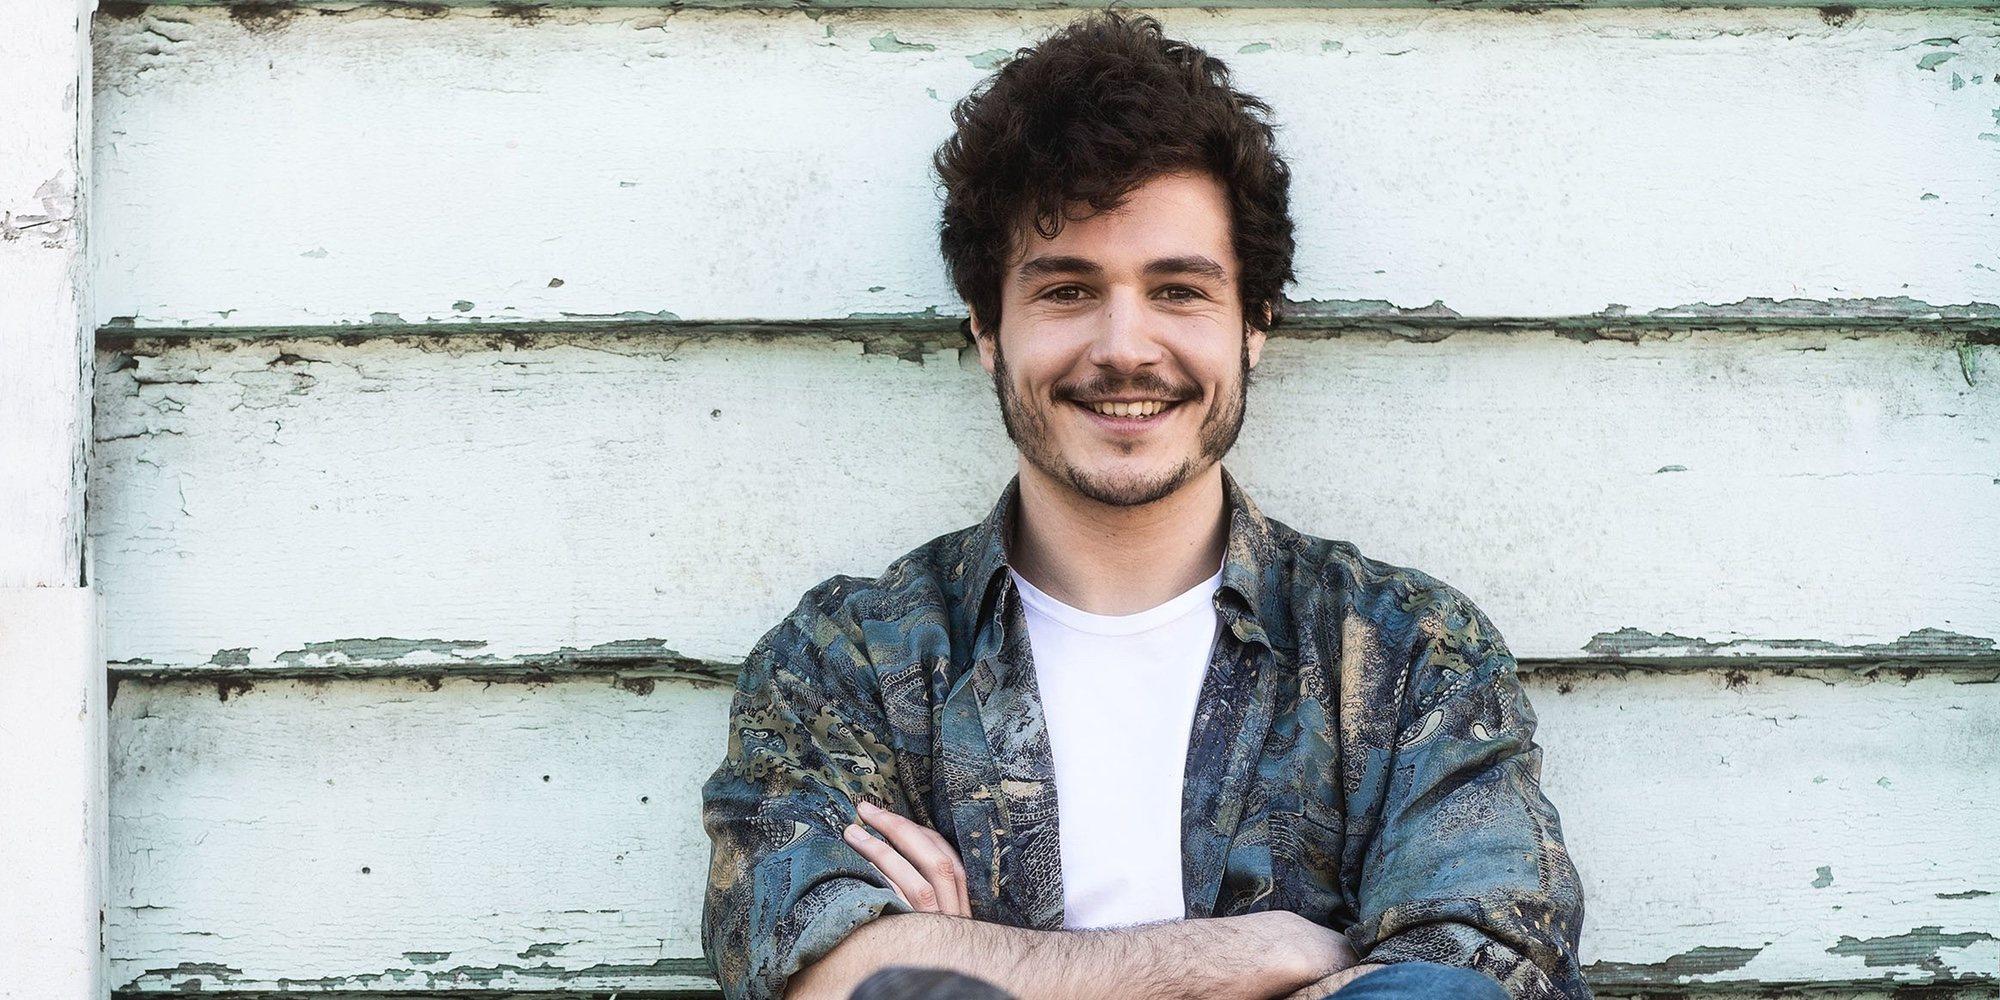 Miki Núñez presenta al público europeo 'La venda' en Ámsterdam antes de Eurovisión 2019